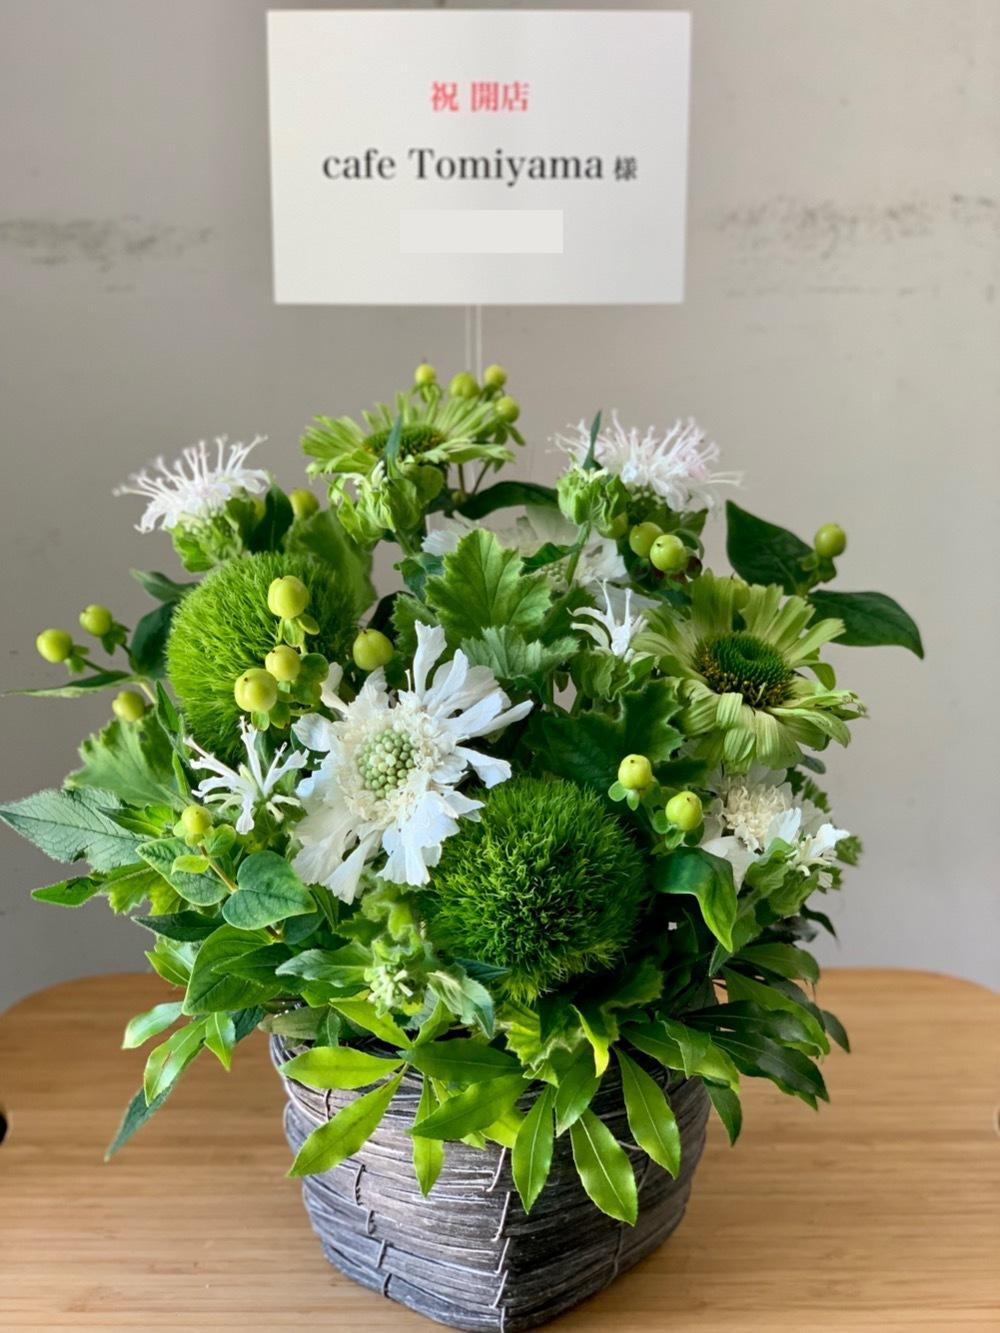 「みてるよ!応援してるよ!」の気持ちを込めたグリーンを基調とした開店お祝い花